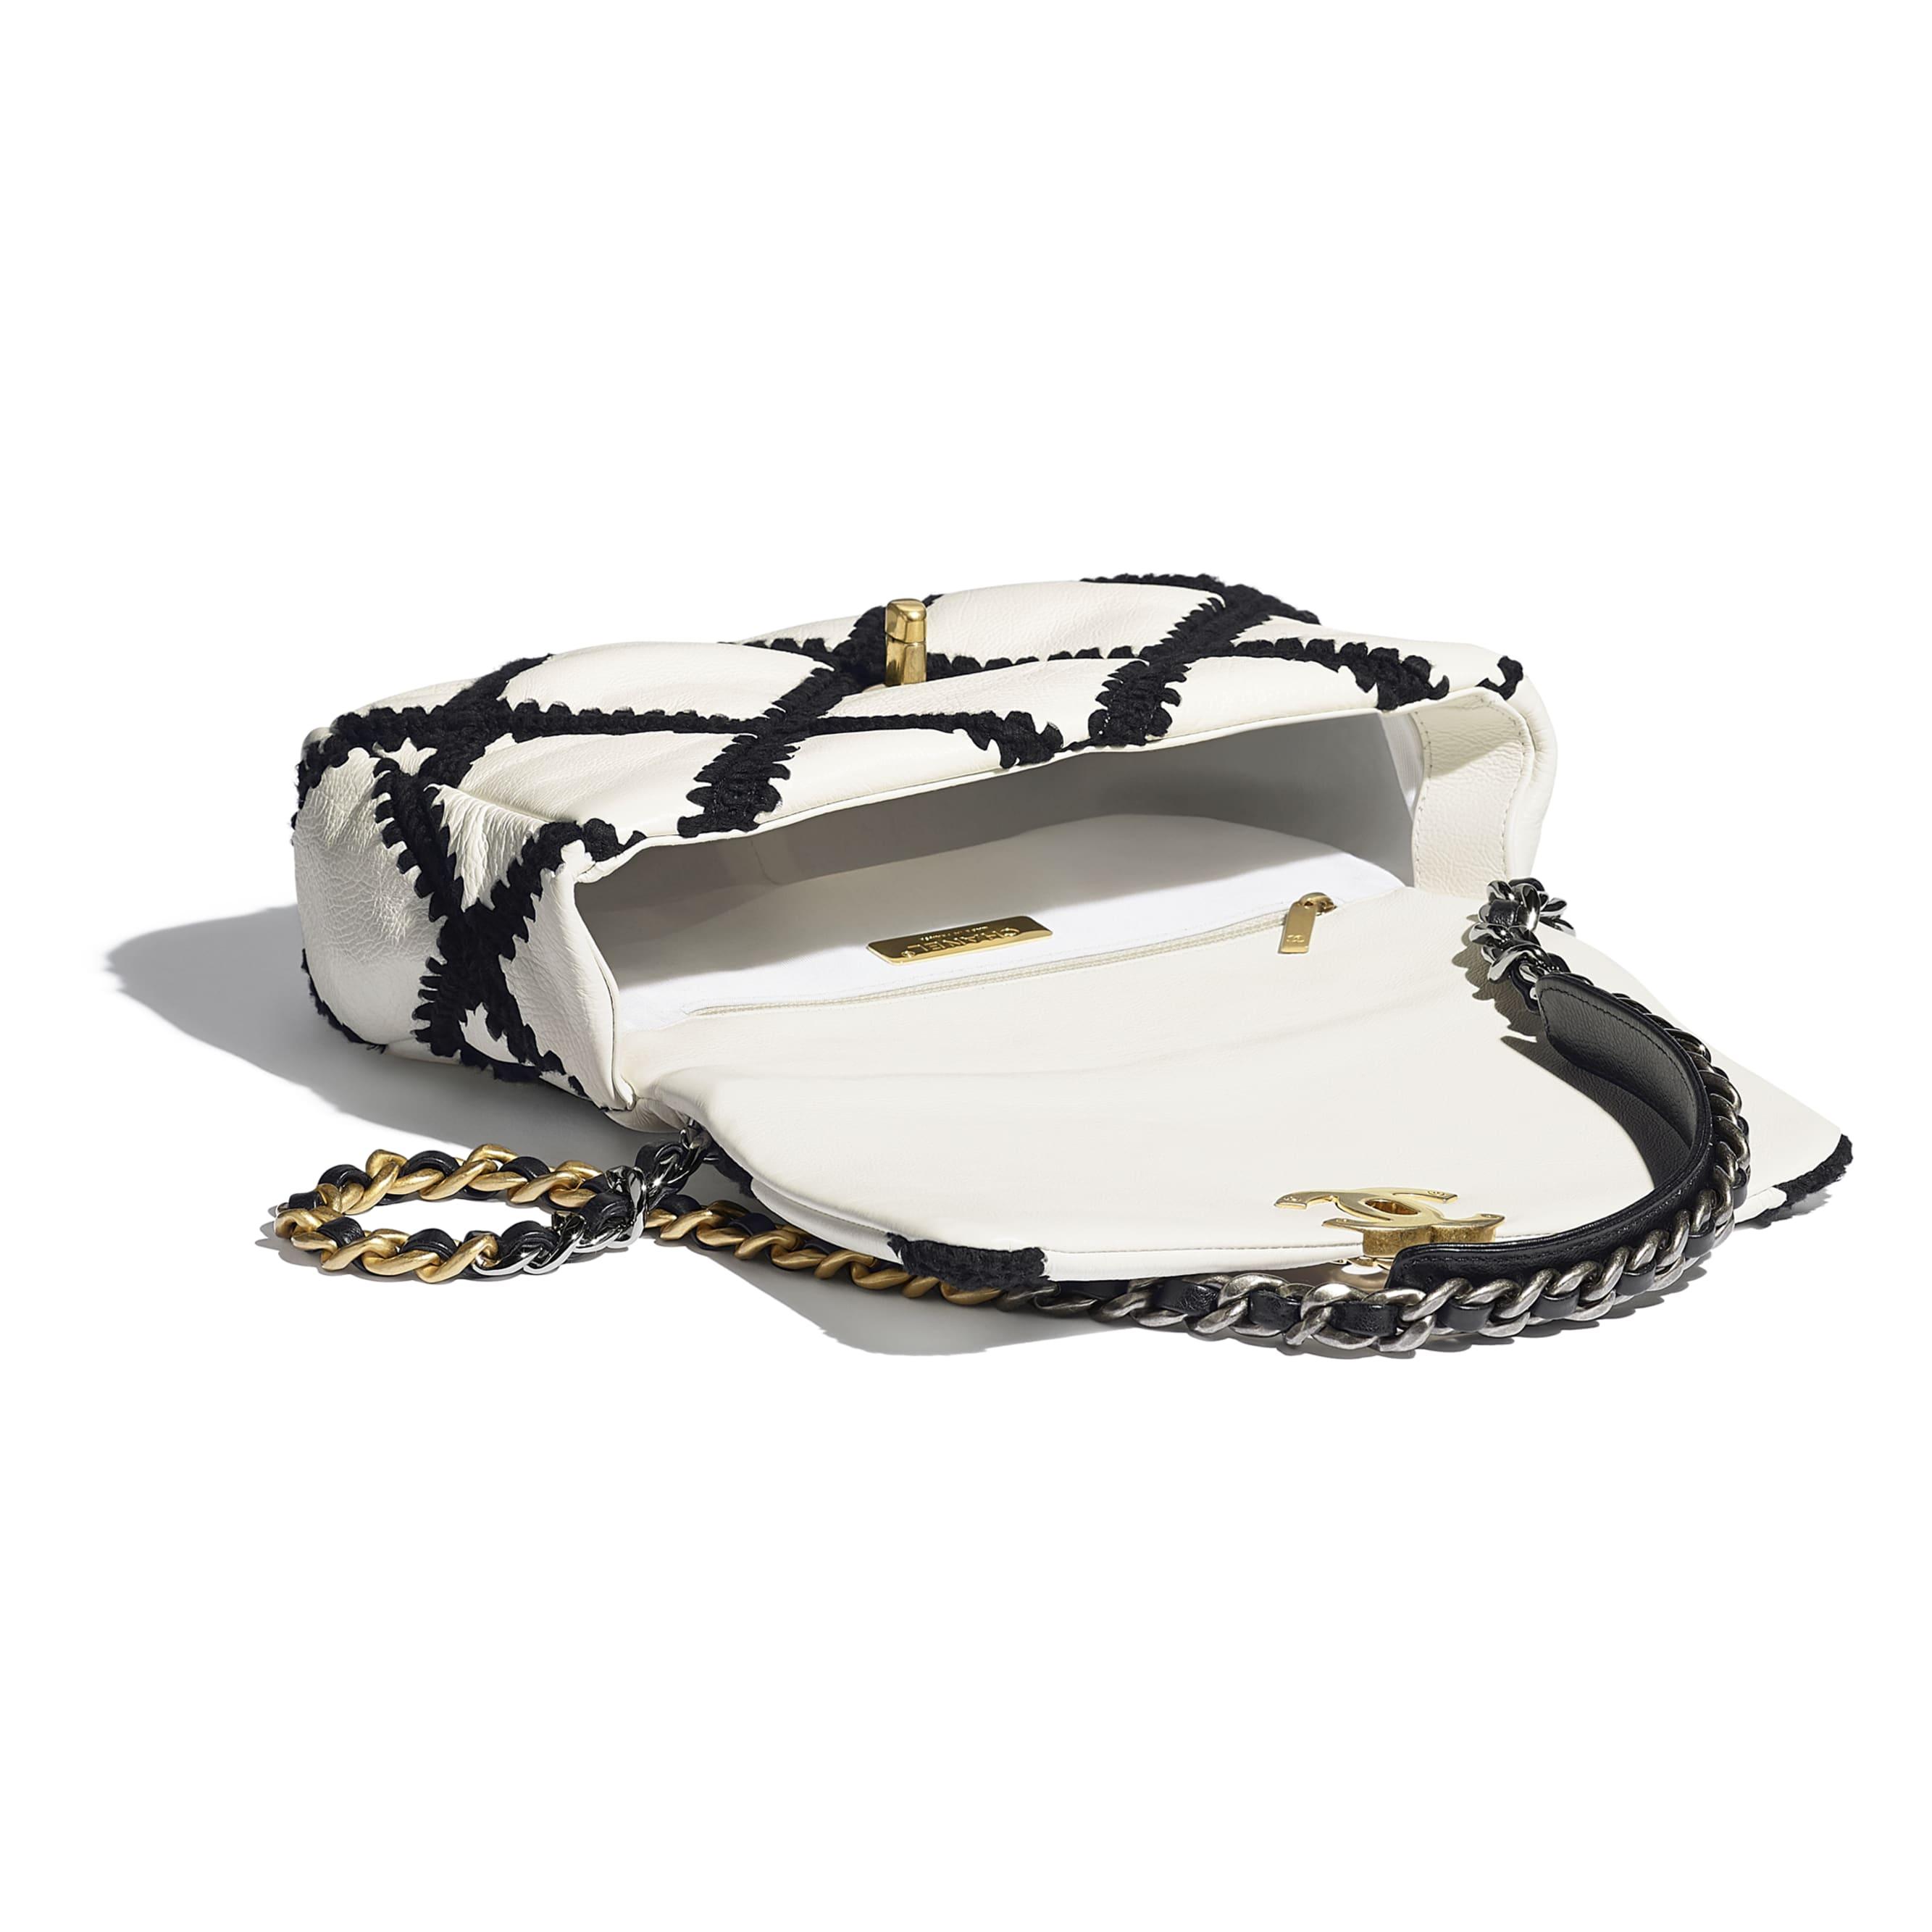 CHANEL 19 Flap Bag - Wit & zwart - Kalfsleer, haakwerk, goudkleurig, zilverkleurig & ruthenium finish metaal - CHANEL - Andere weergave - zie versie op standaardgrootte